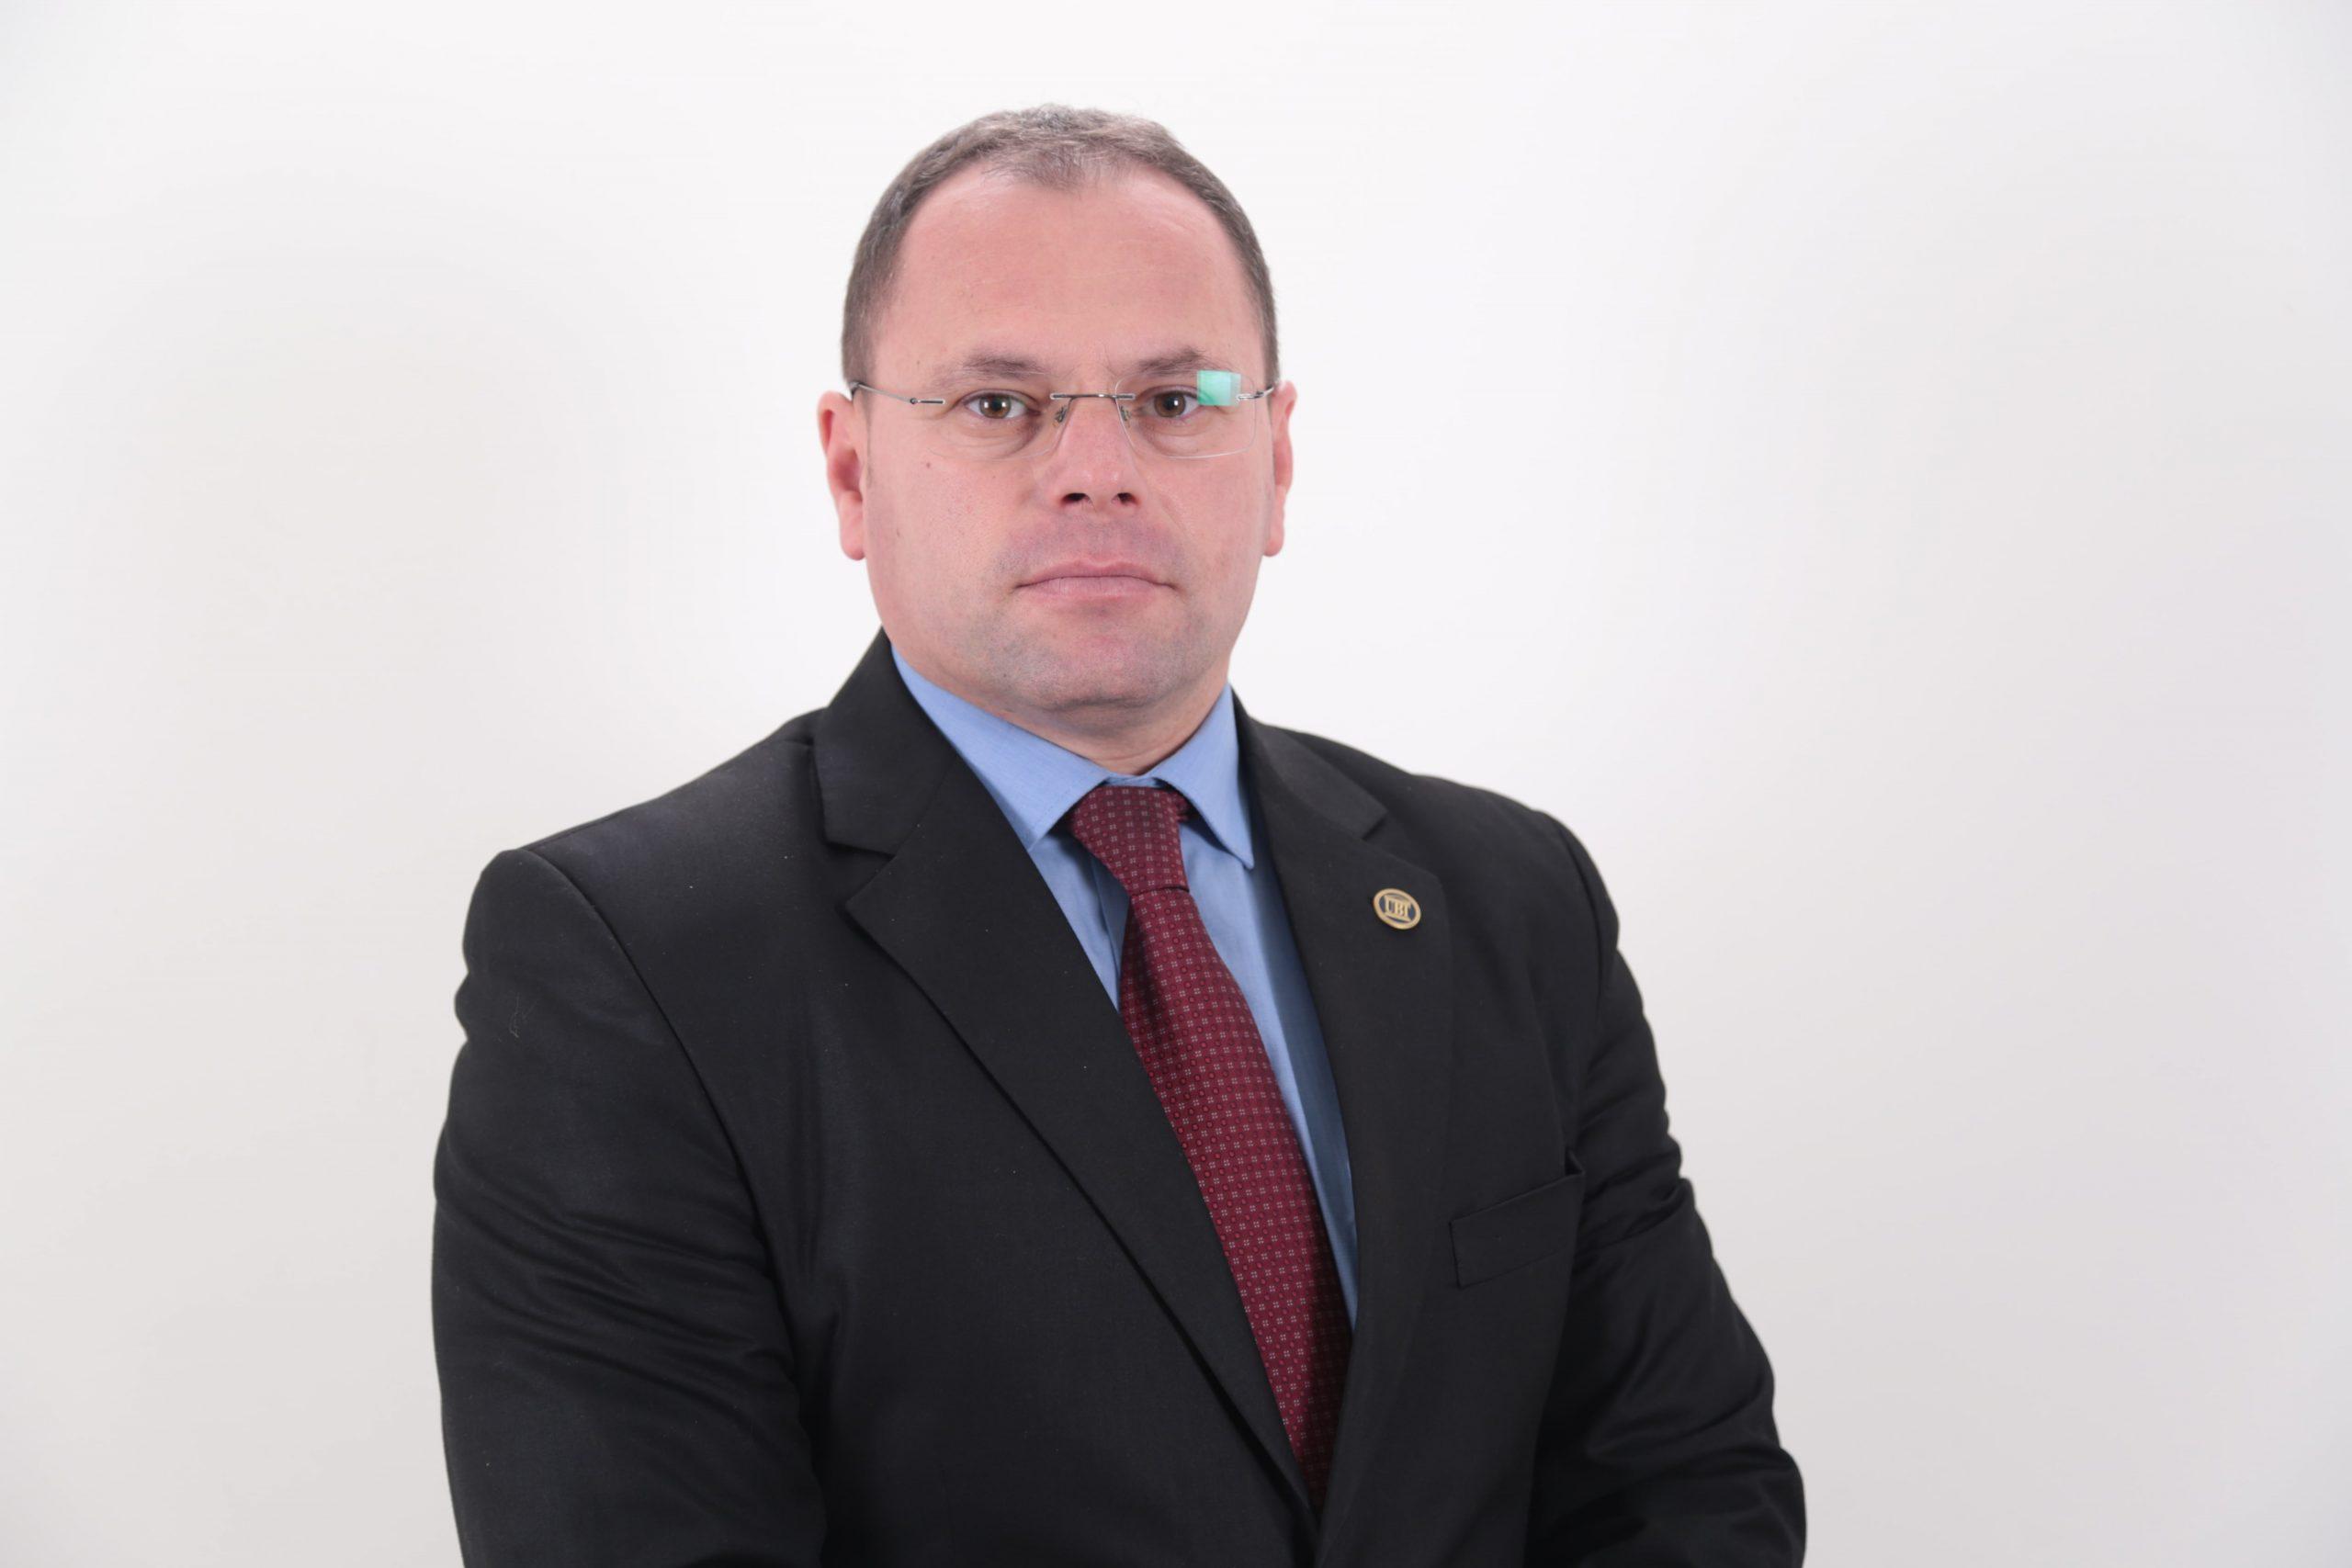 Ilir Zylfiu